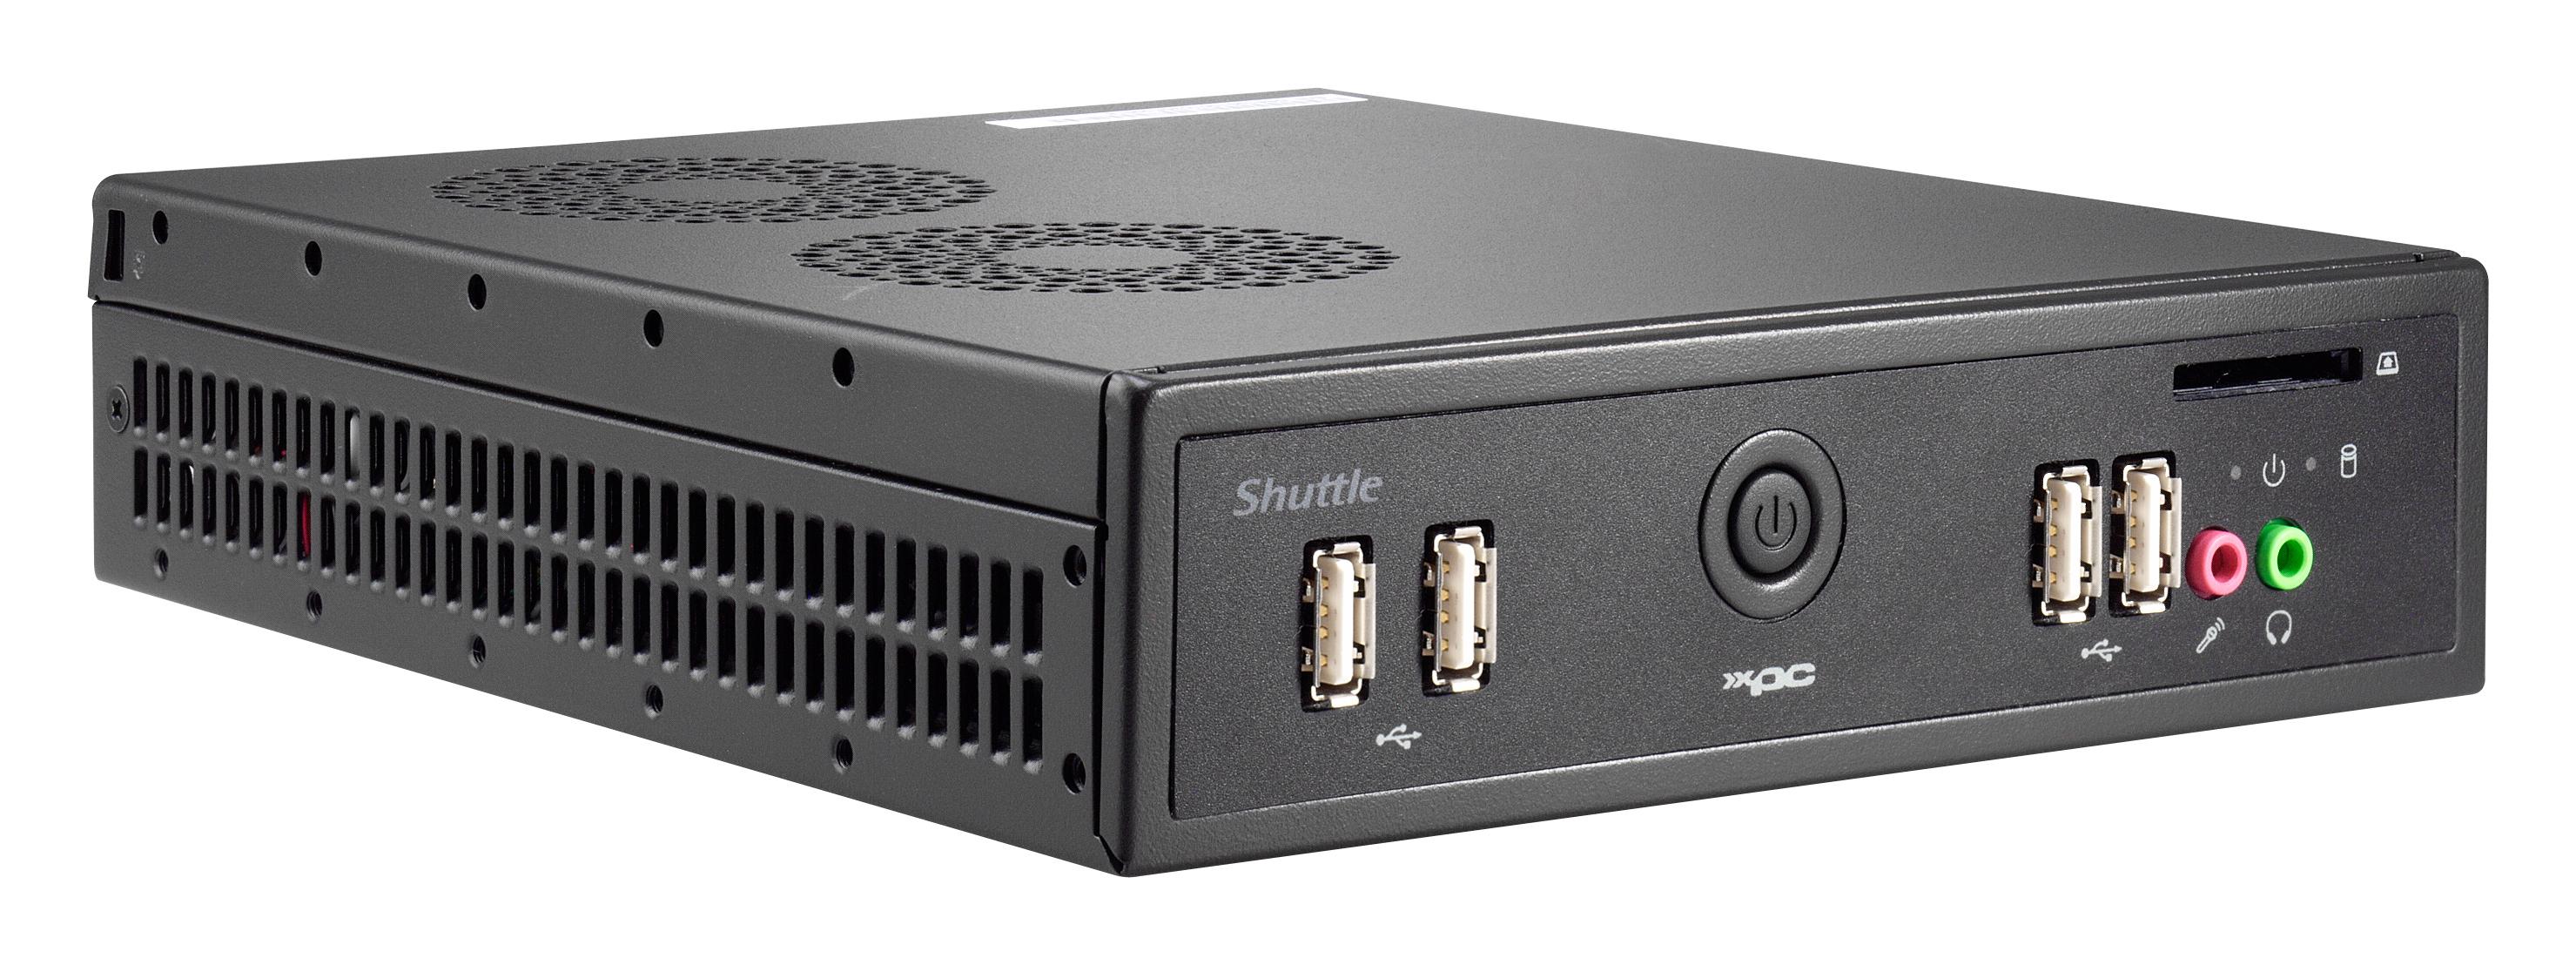 Shuttle D 6100XA 3.3GHz i3-3220 Nero Mini PC PC